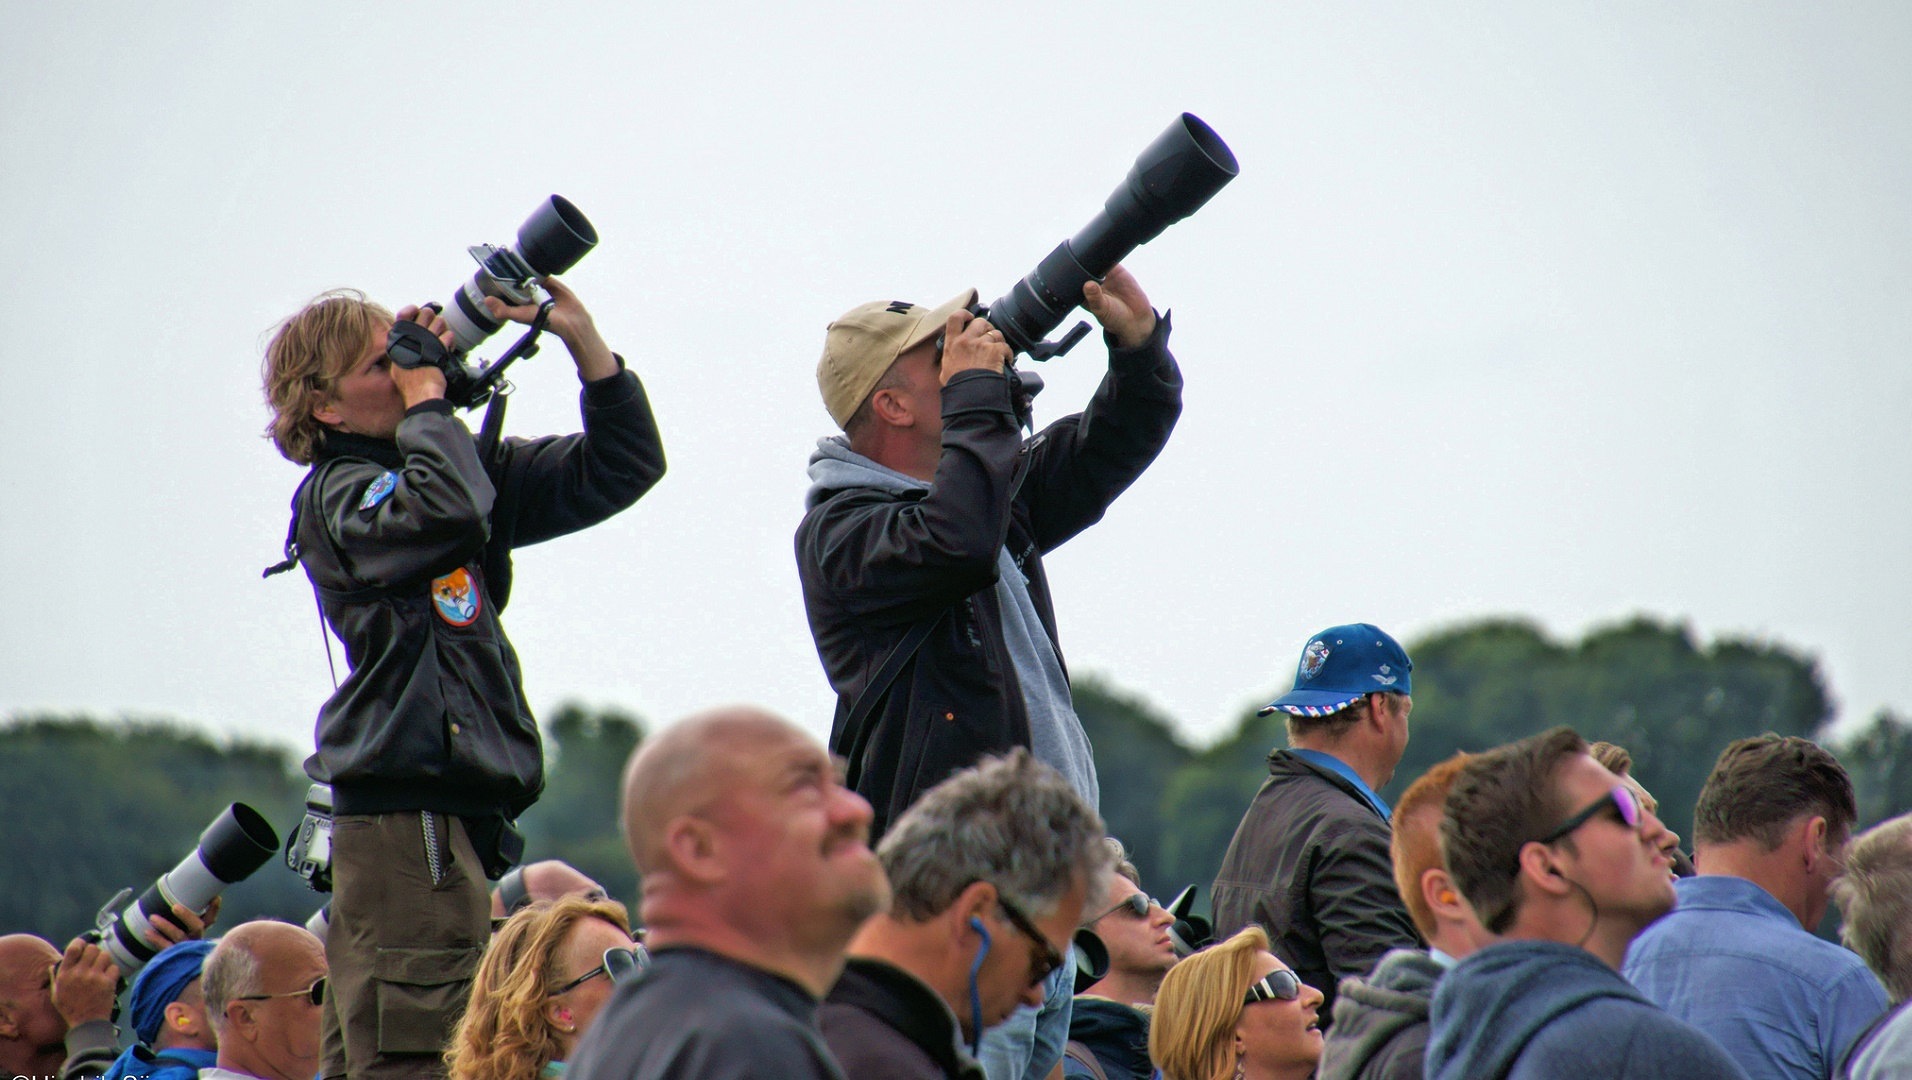 Esta cámara captura imágenes a larga distancia sin lentes telescópicas